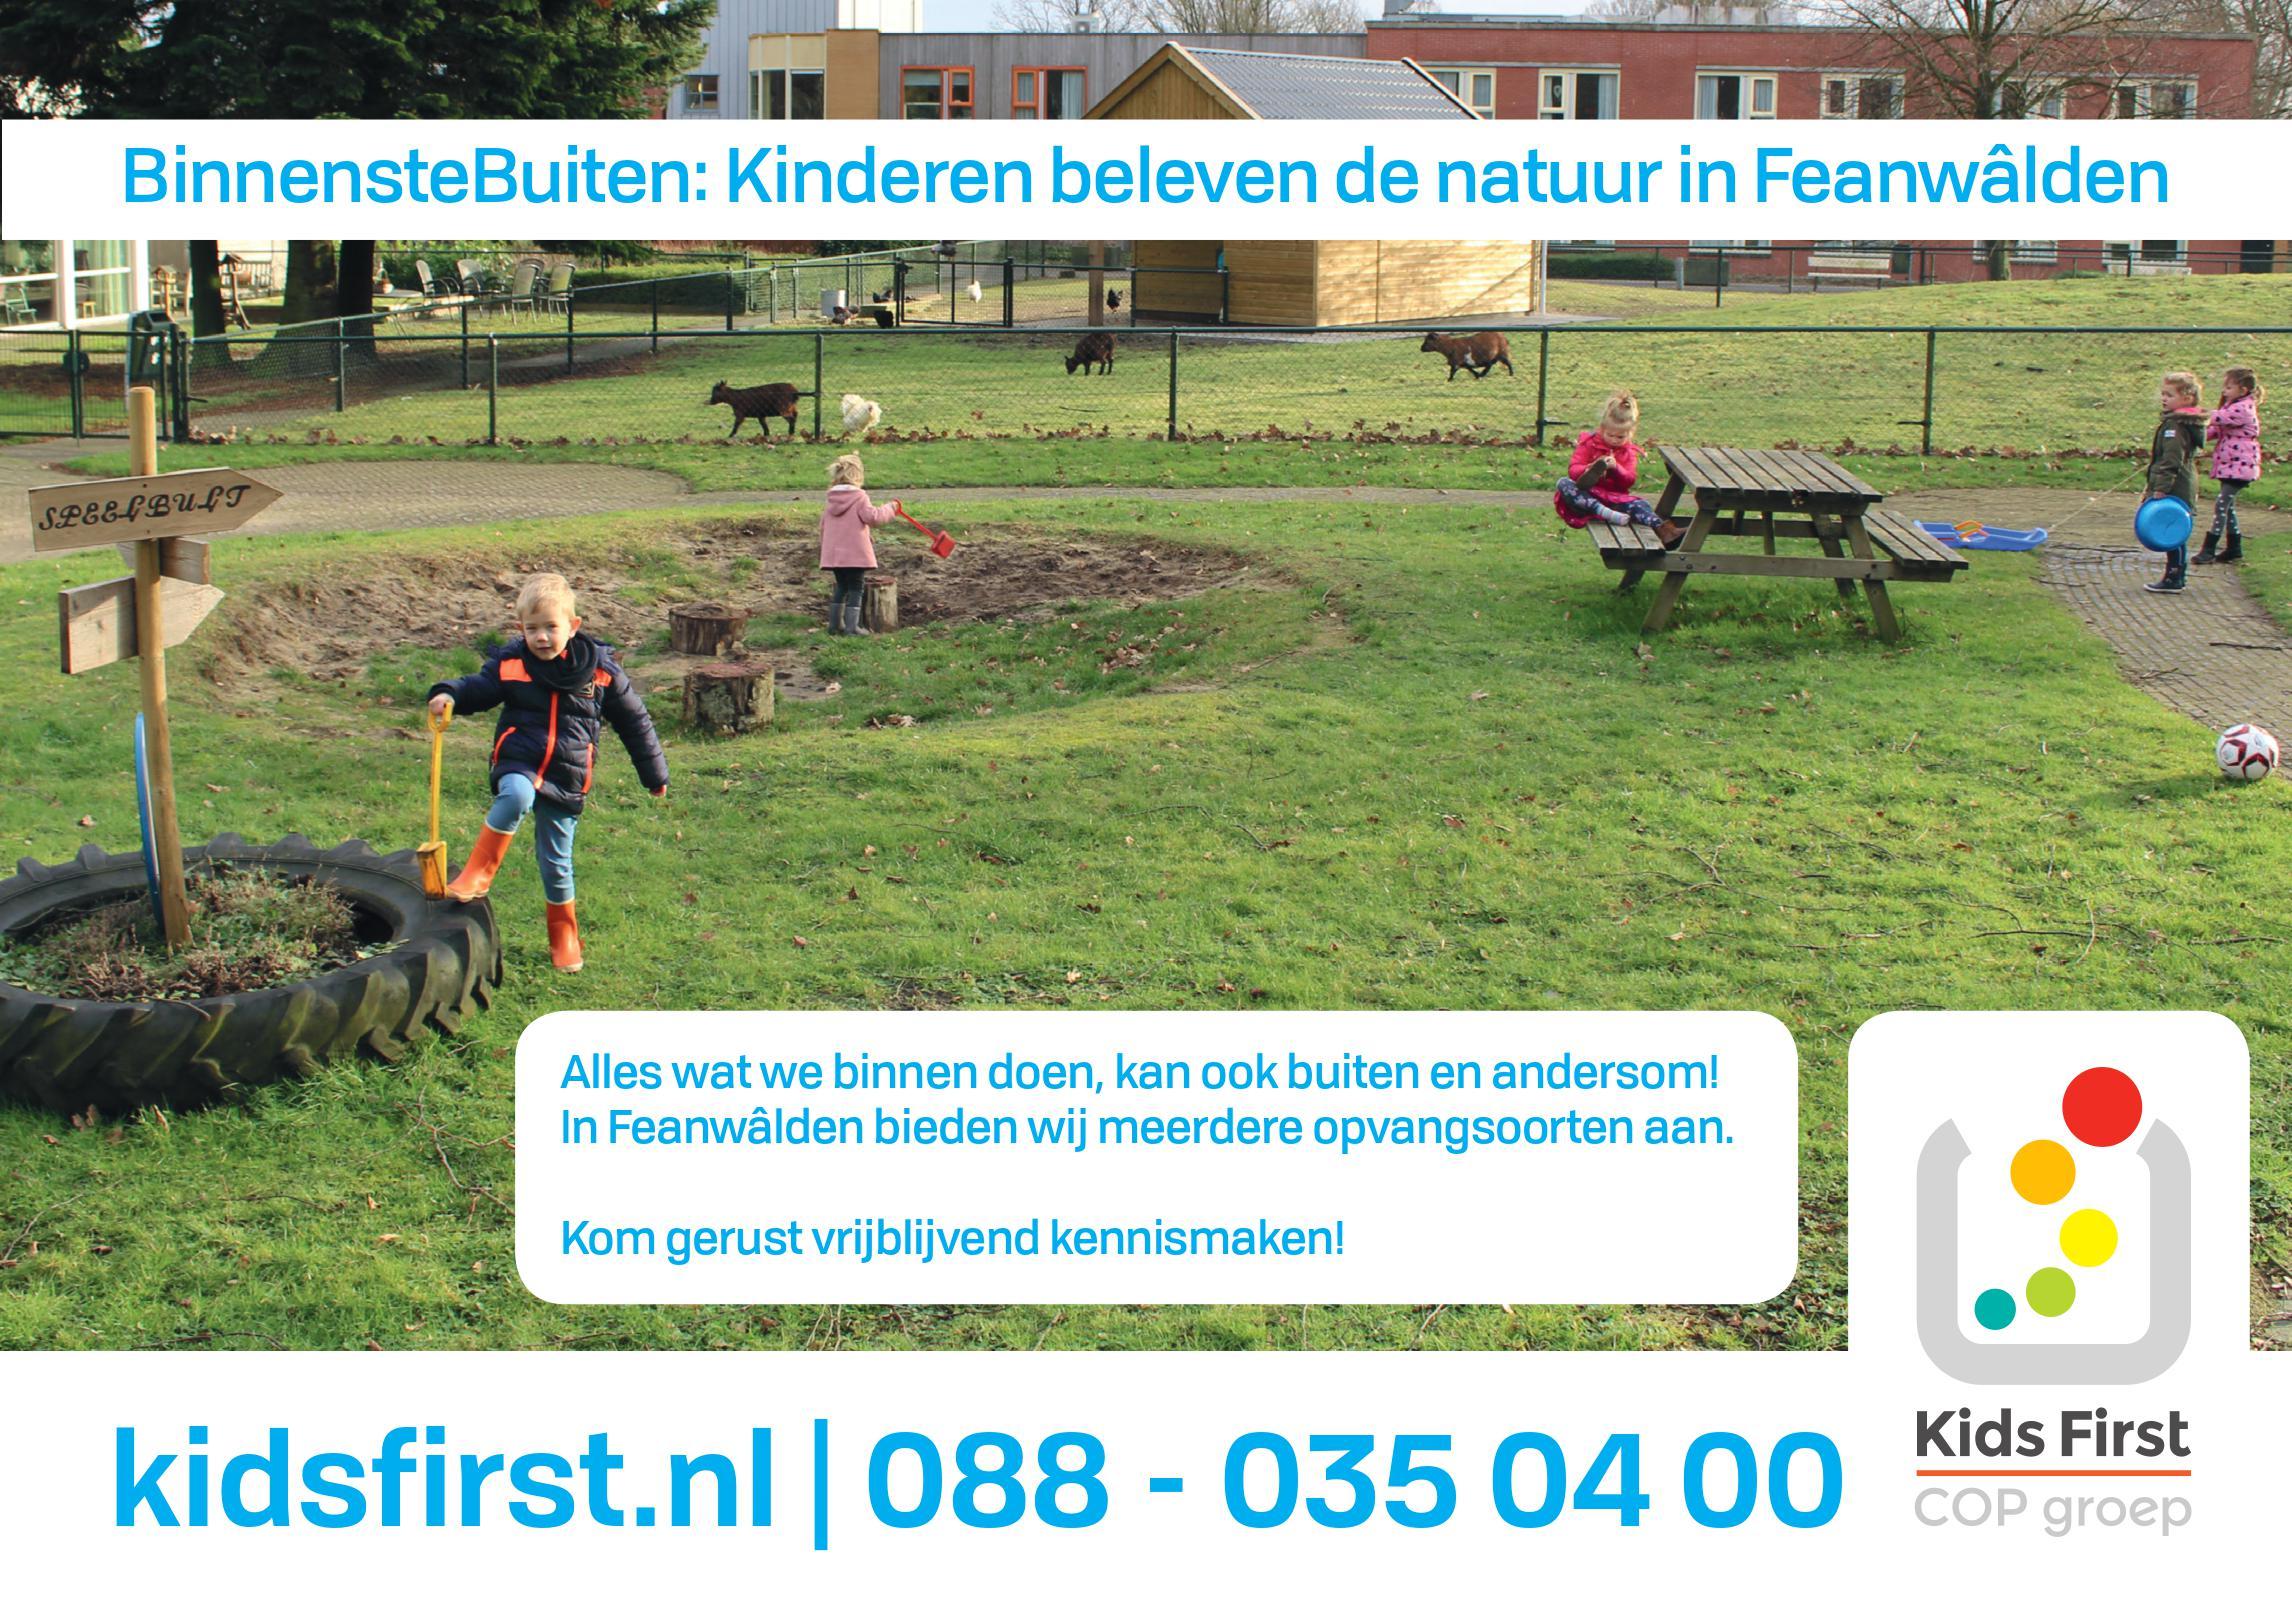 Peuteropvang Feanwâlden BinnensteBuiten locatie - Kids First COP Groep